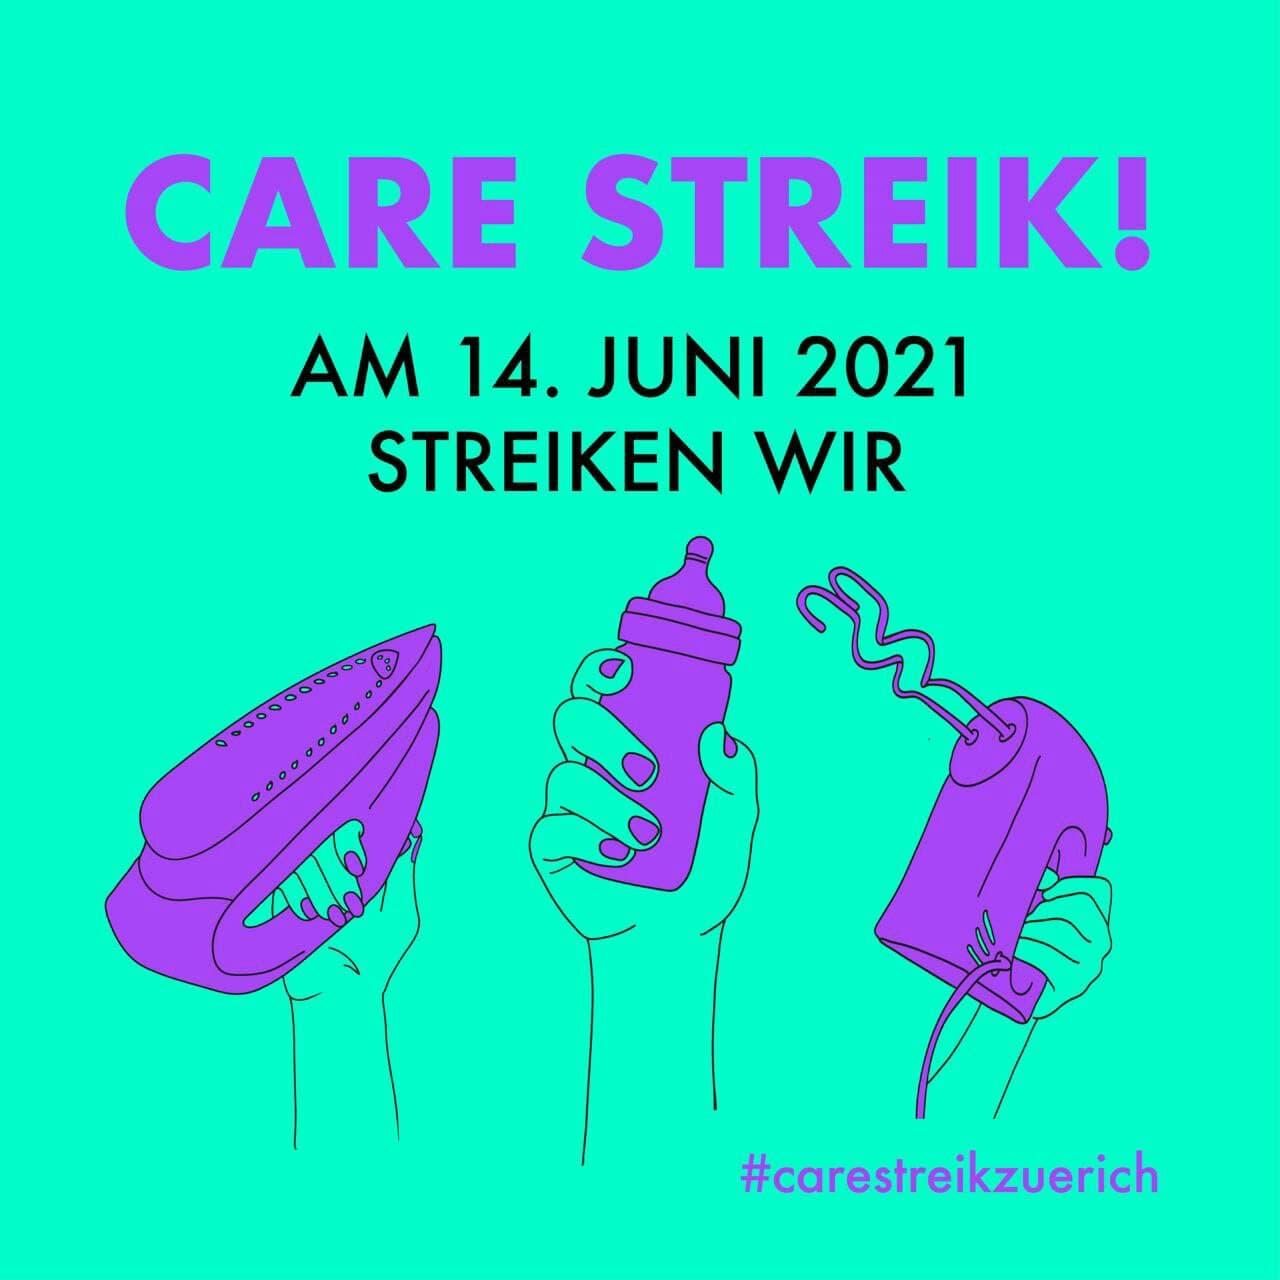 """Grüner Hintergrund mit violetter Schrift: """"Care Streik! Am 14. Juni 2021 streiken wir"""". Darunter drei Hände, die jeweils ein Bügeleisen, eine Babyflasche und einen Handmixer hochhalten."""